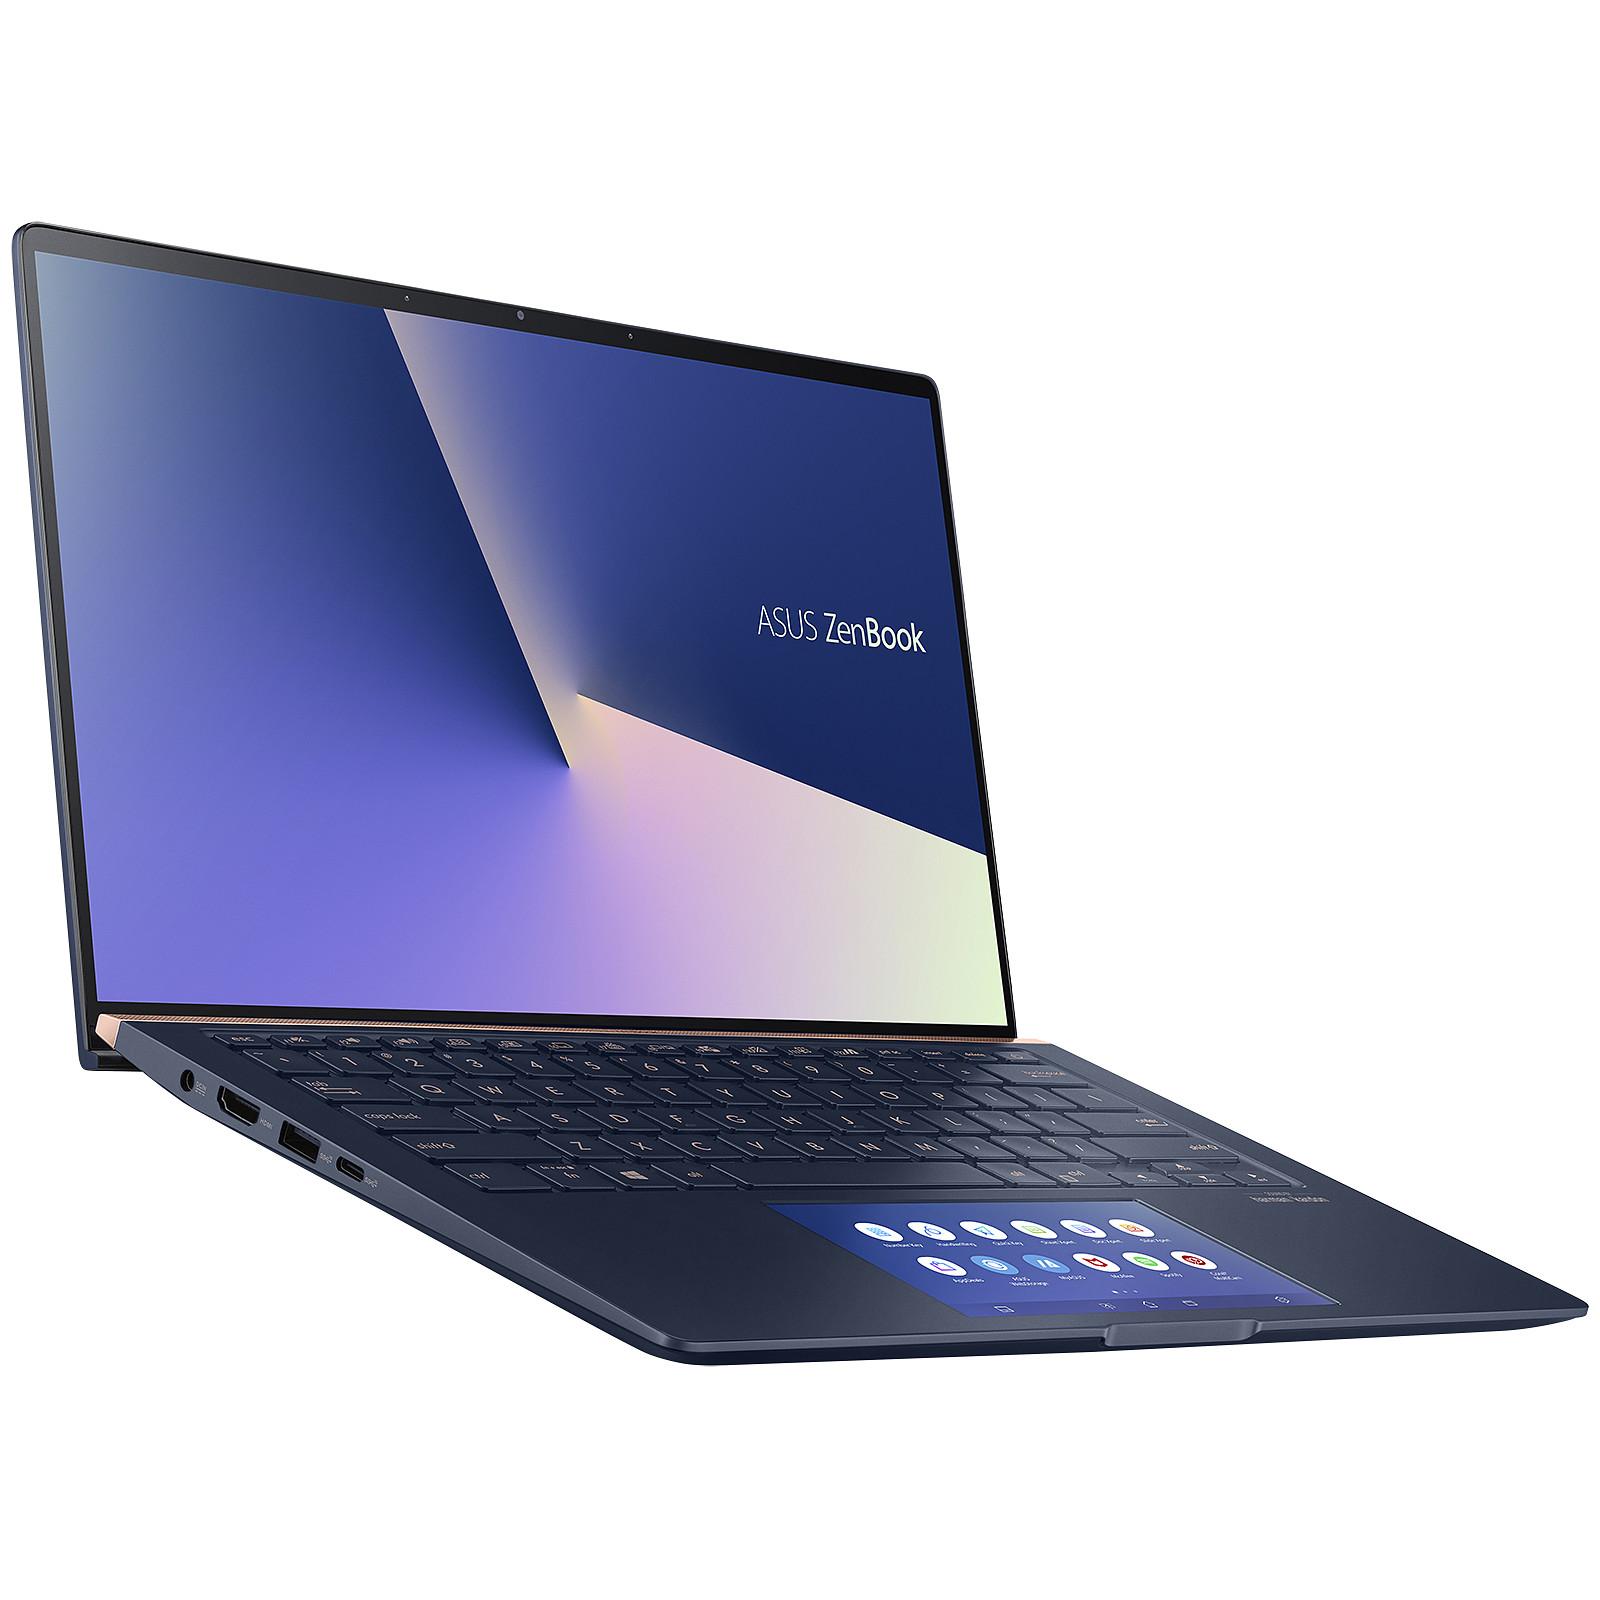 ASUS Zenbook 14 UX434FL-AI022R avec ScreenPad 2.0